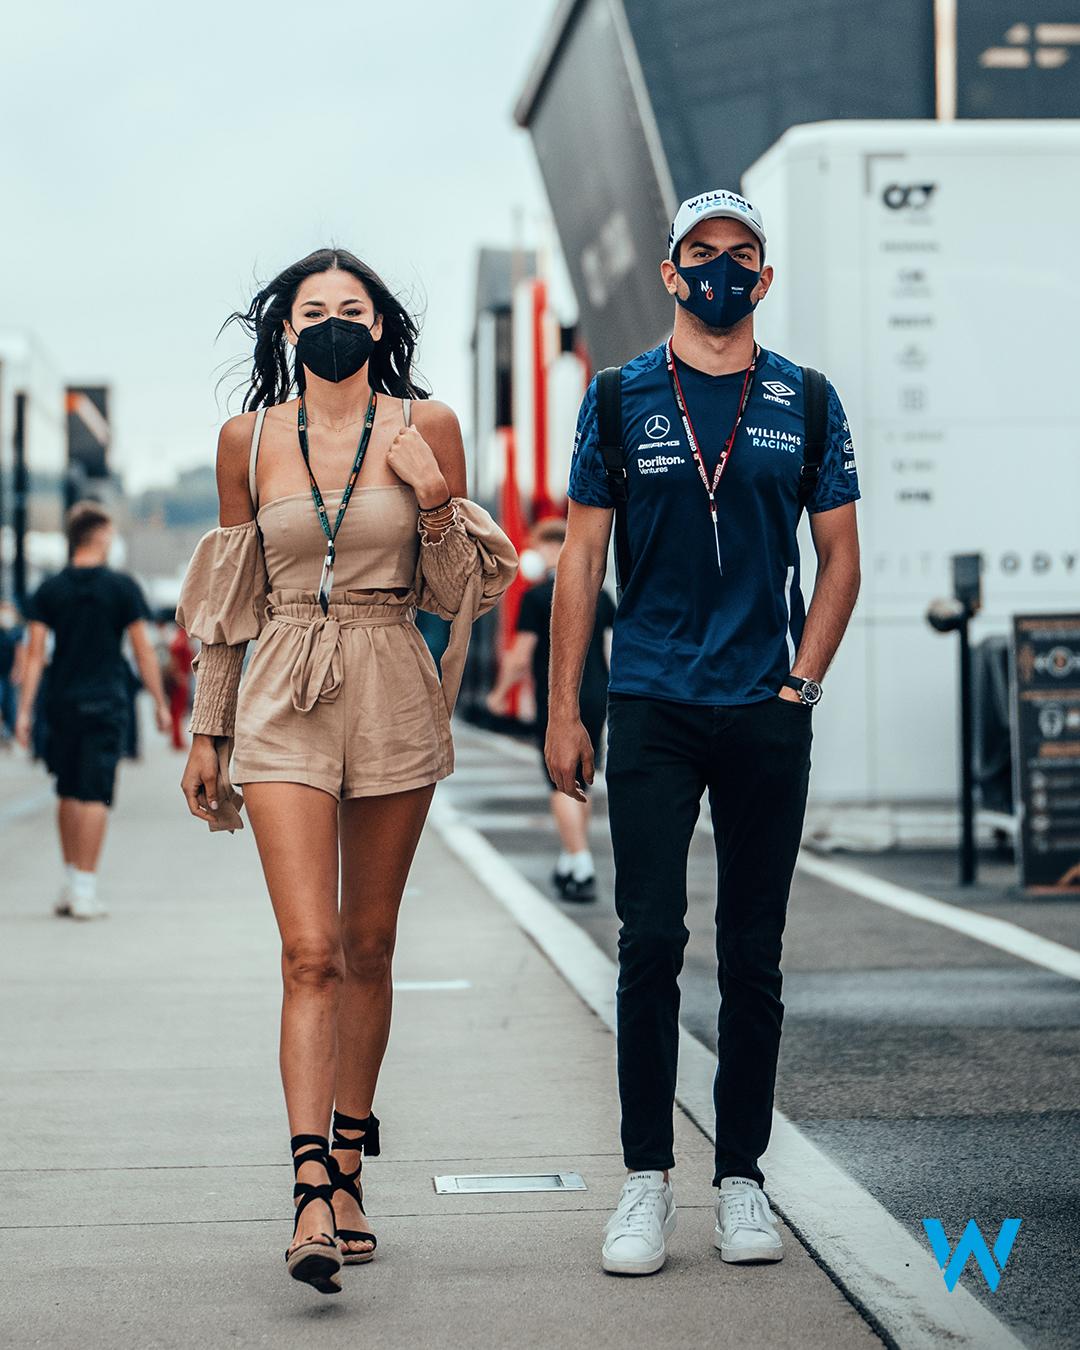 ニコラス・ラティフィとSandra Dziwiszek / 2021年 F1ハンガリーGP